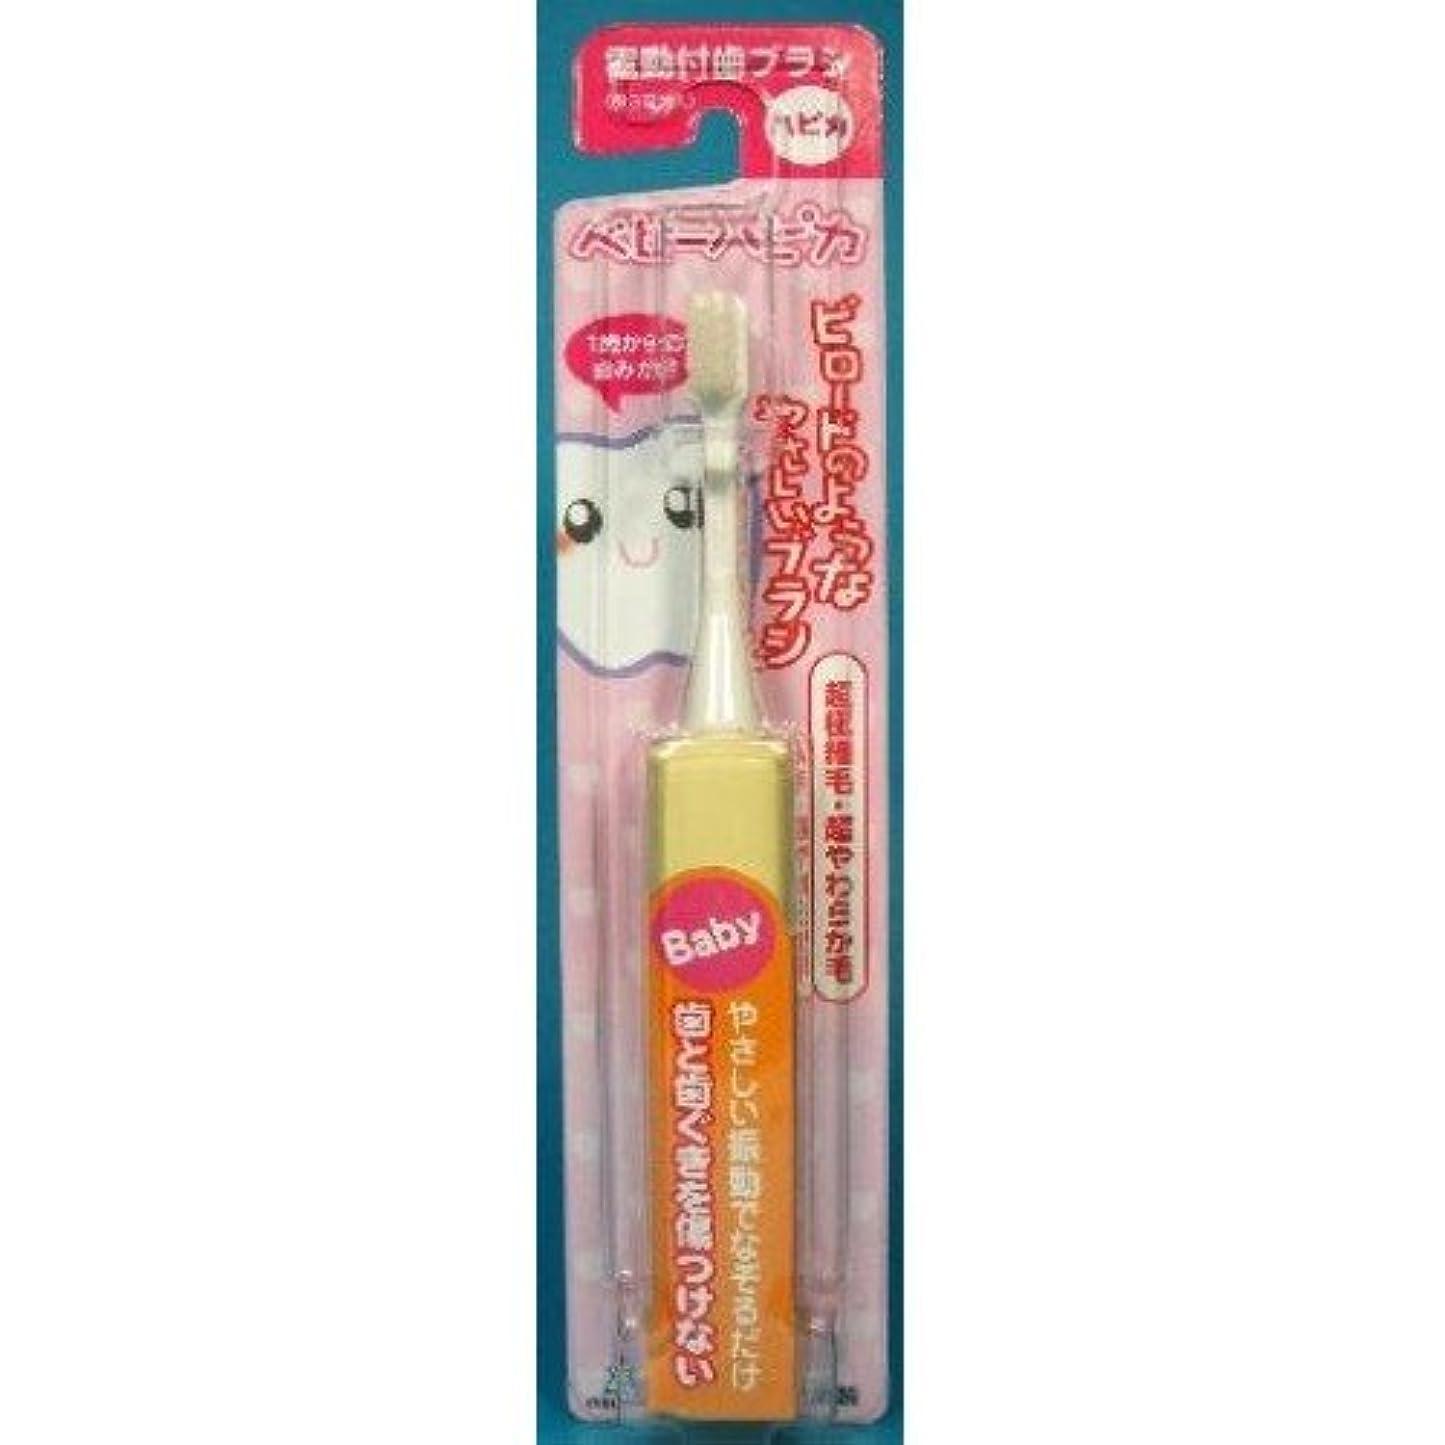 組み込む彫刻比類なきミニマム 電動付歯ブラシ ベビーハピカ イエロー 毛の硬さ:超やわらかめ DBB-1Y(BP)